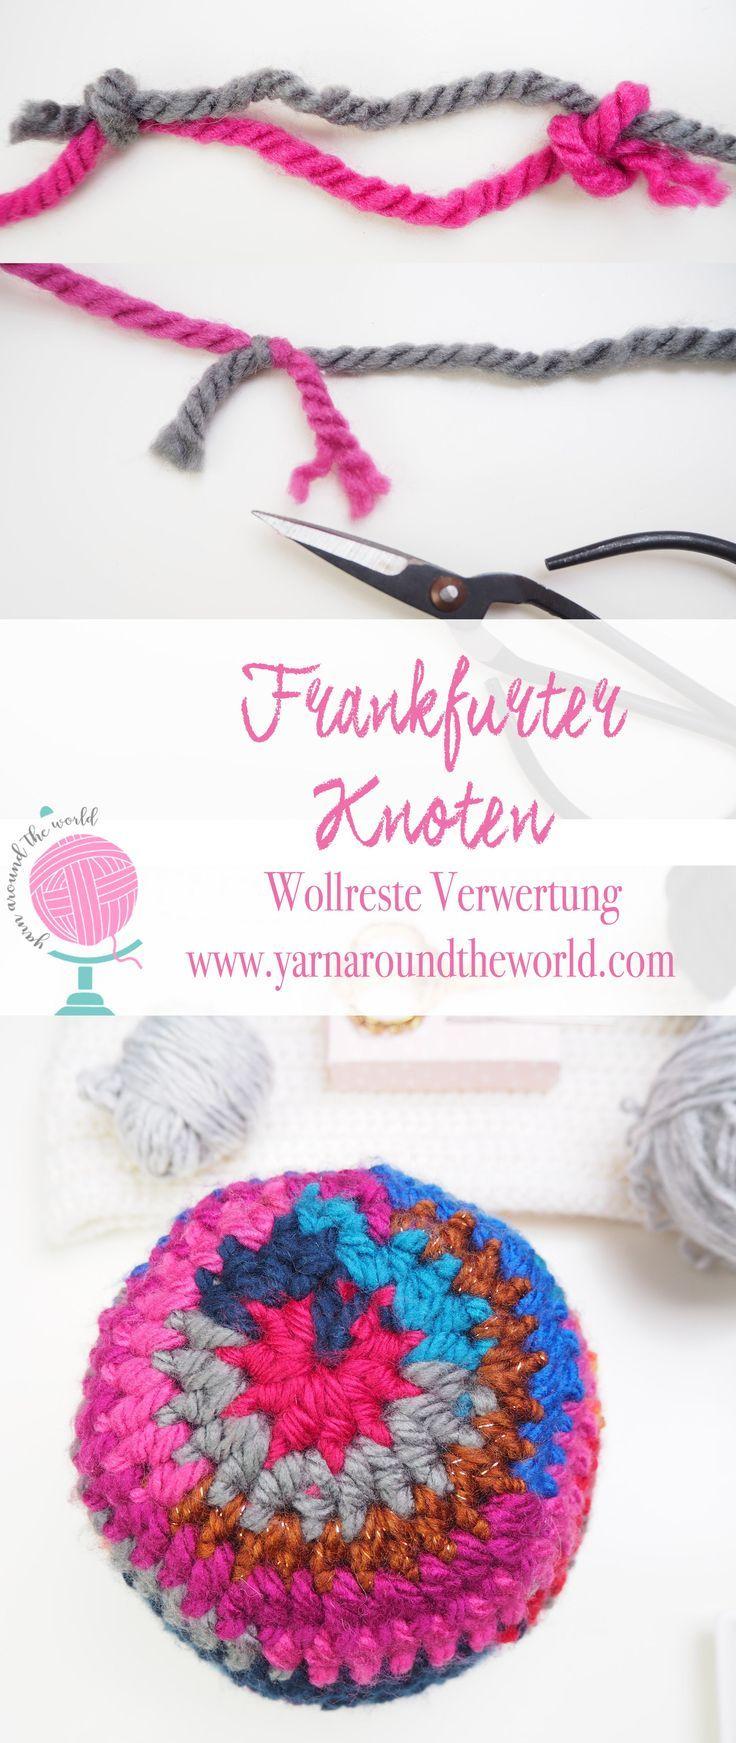 Frankfurter Knoten Farbenfrohe Mutze Handarbeit Grobes Hakeln Stricken